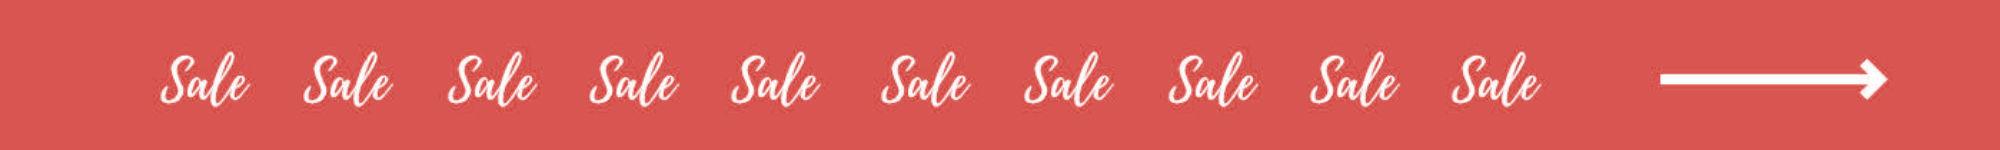 Deko SALE im Online SHop